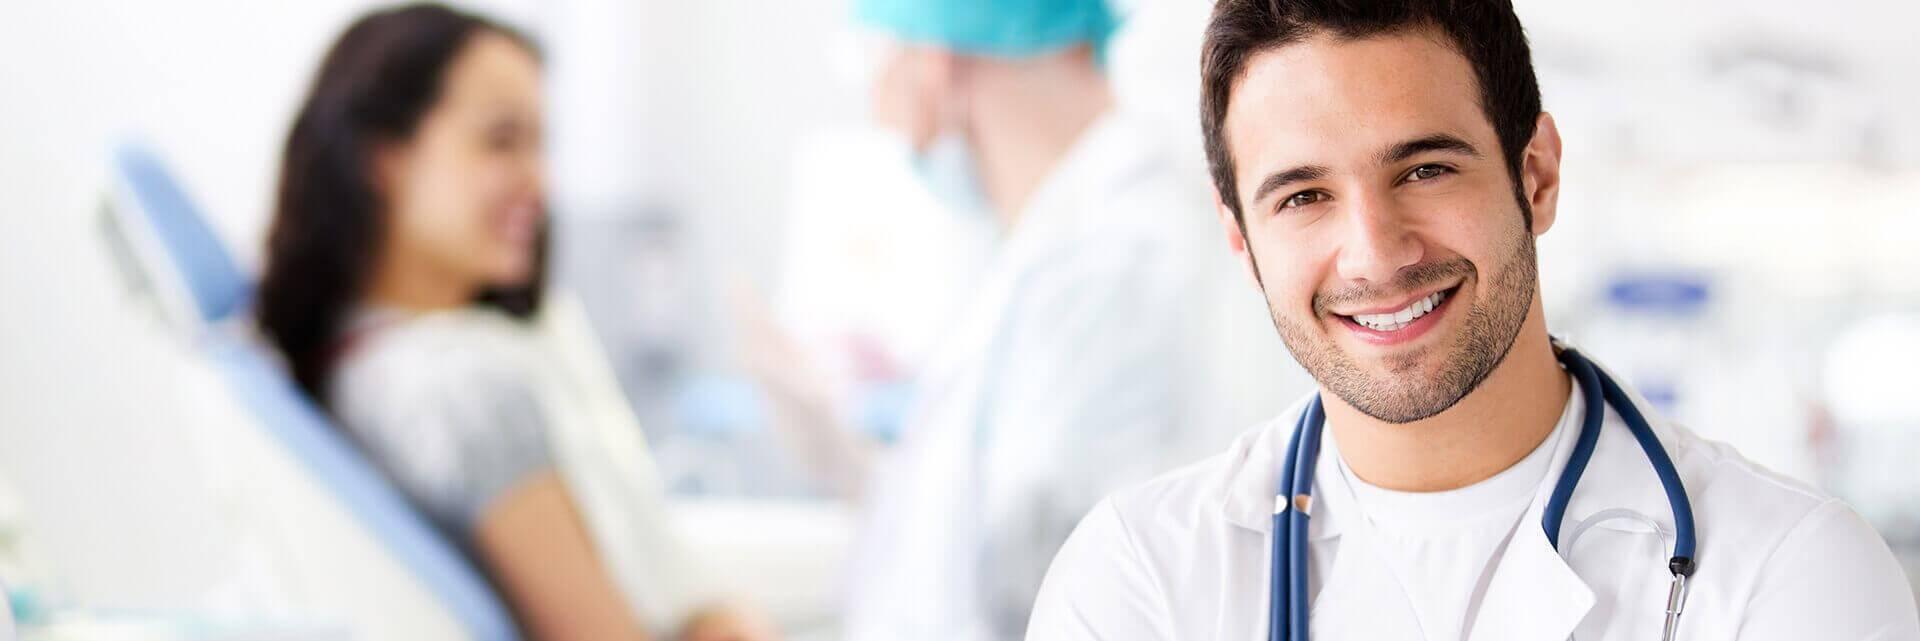 خدمات بالینی در شیراز